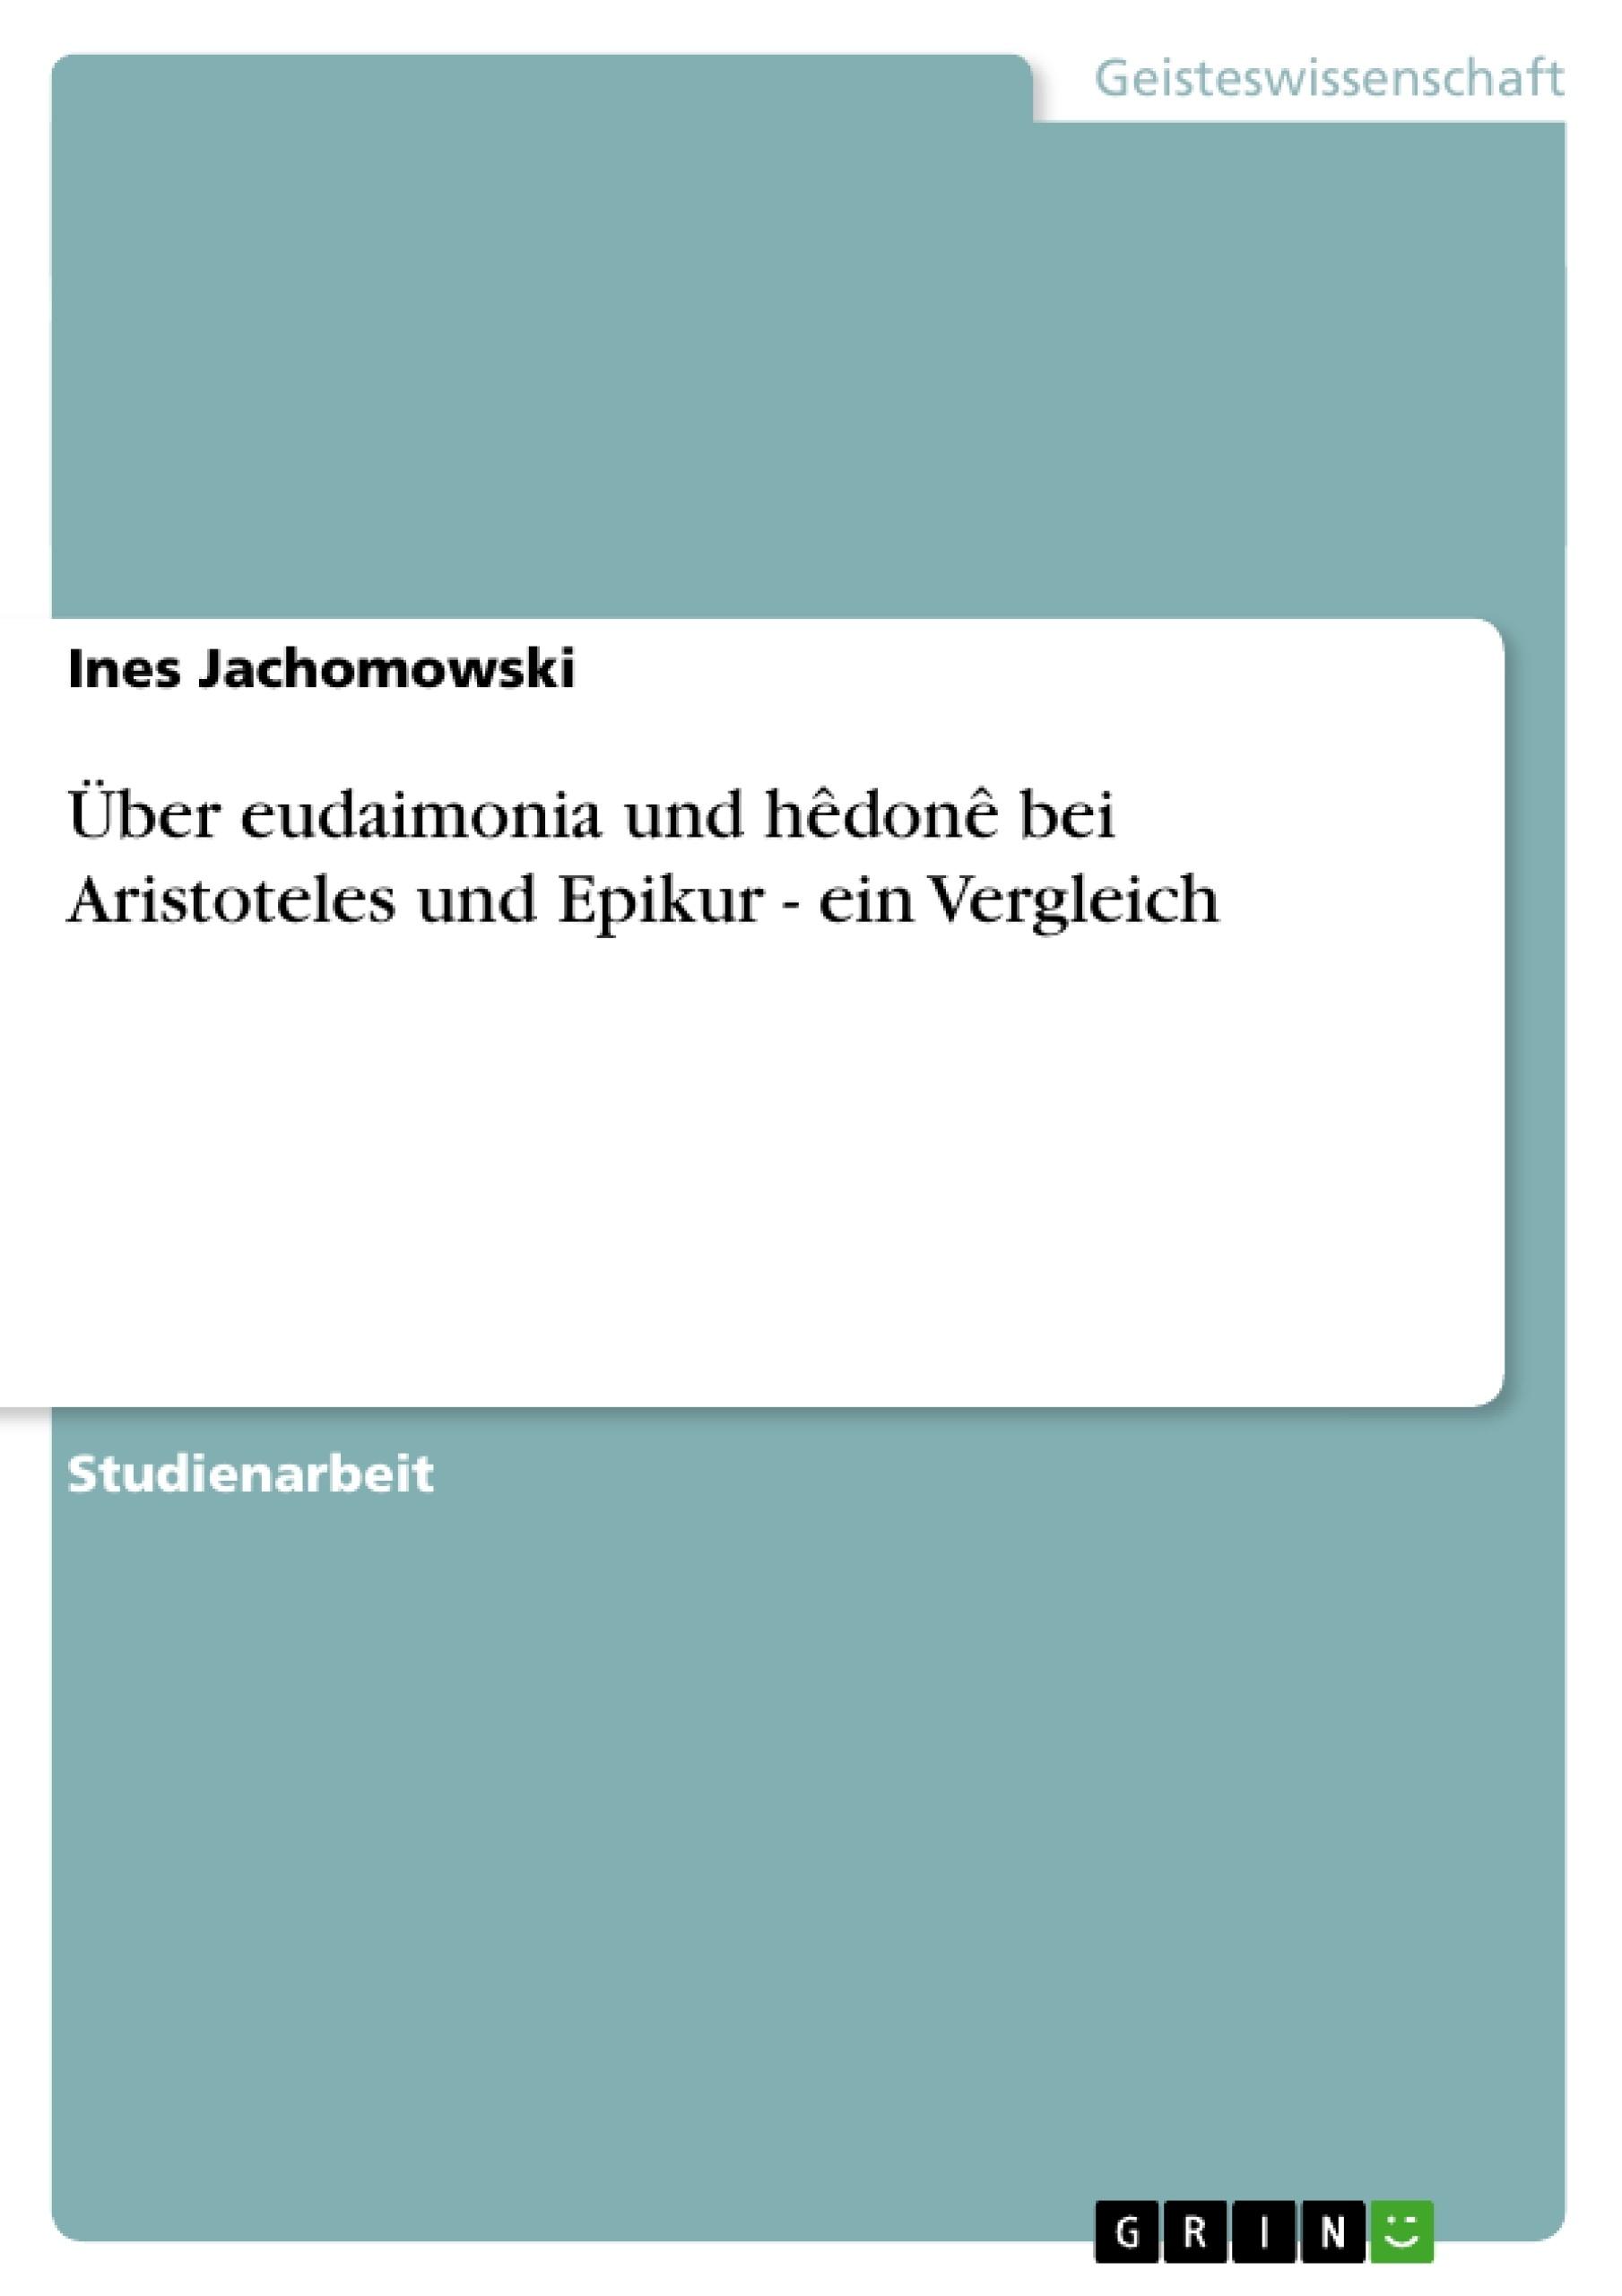 Titel: Über eudaimonia und hêdonê bei Aristoteles und Epikur - ein Vergleich